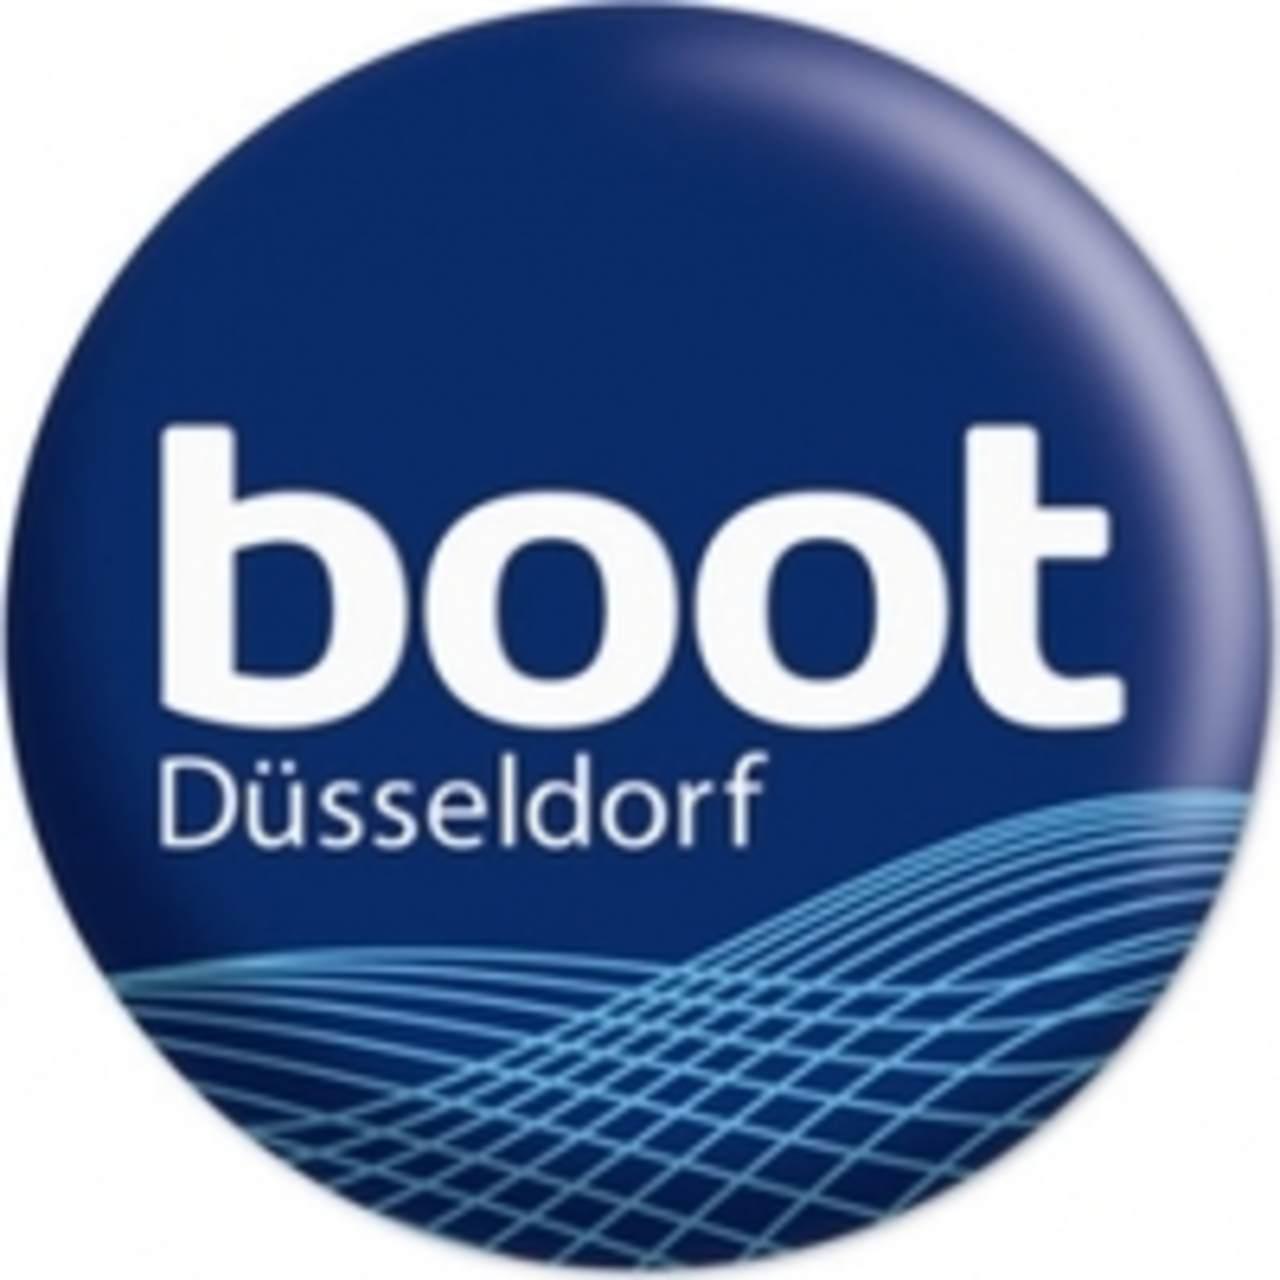 Düsseldorf international boatshow | Germany